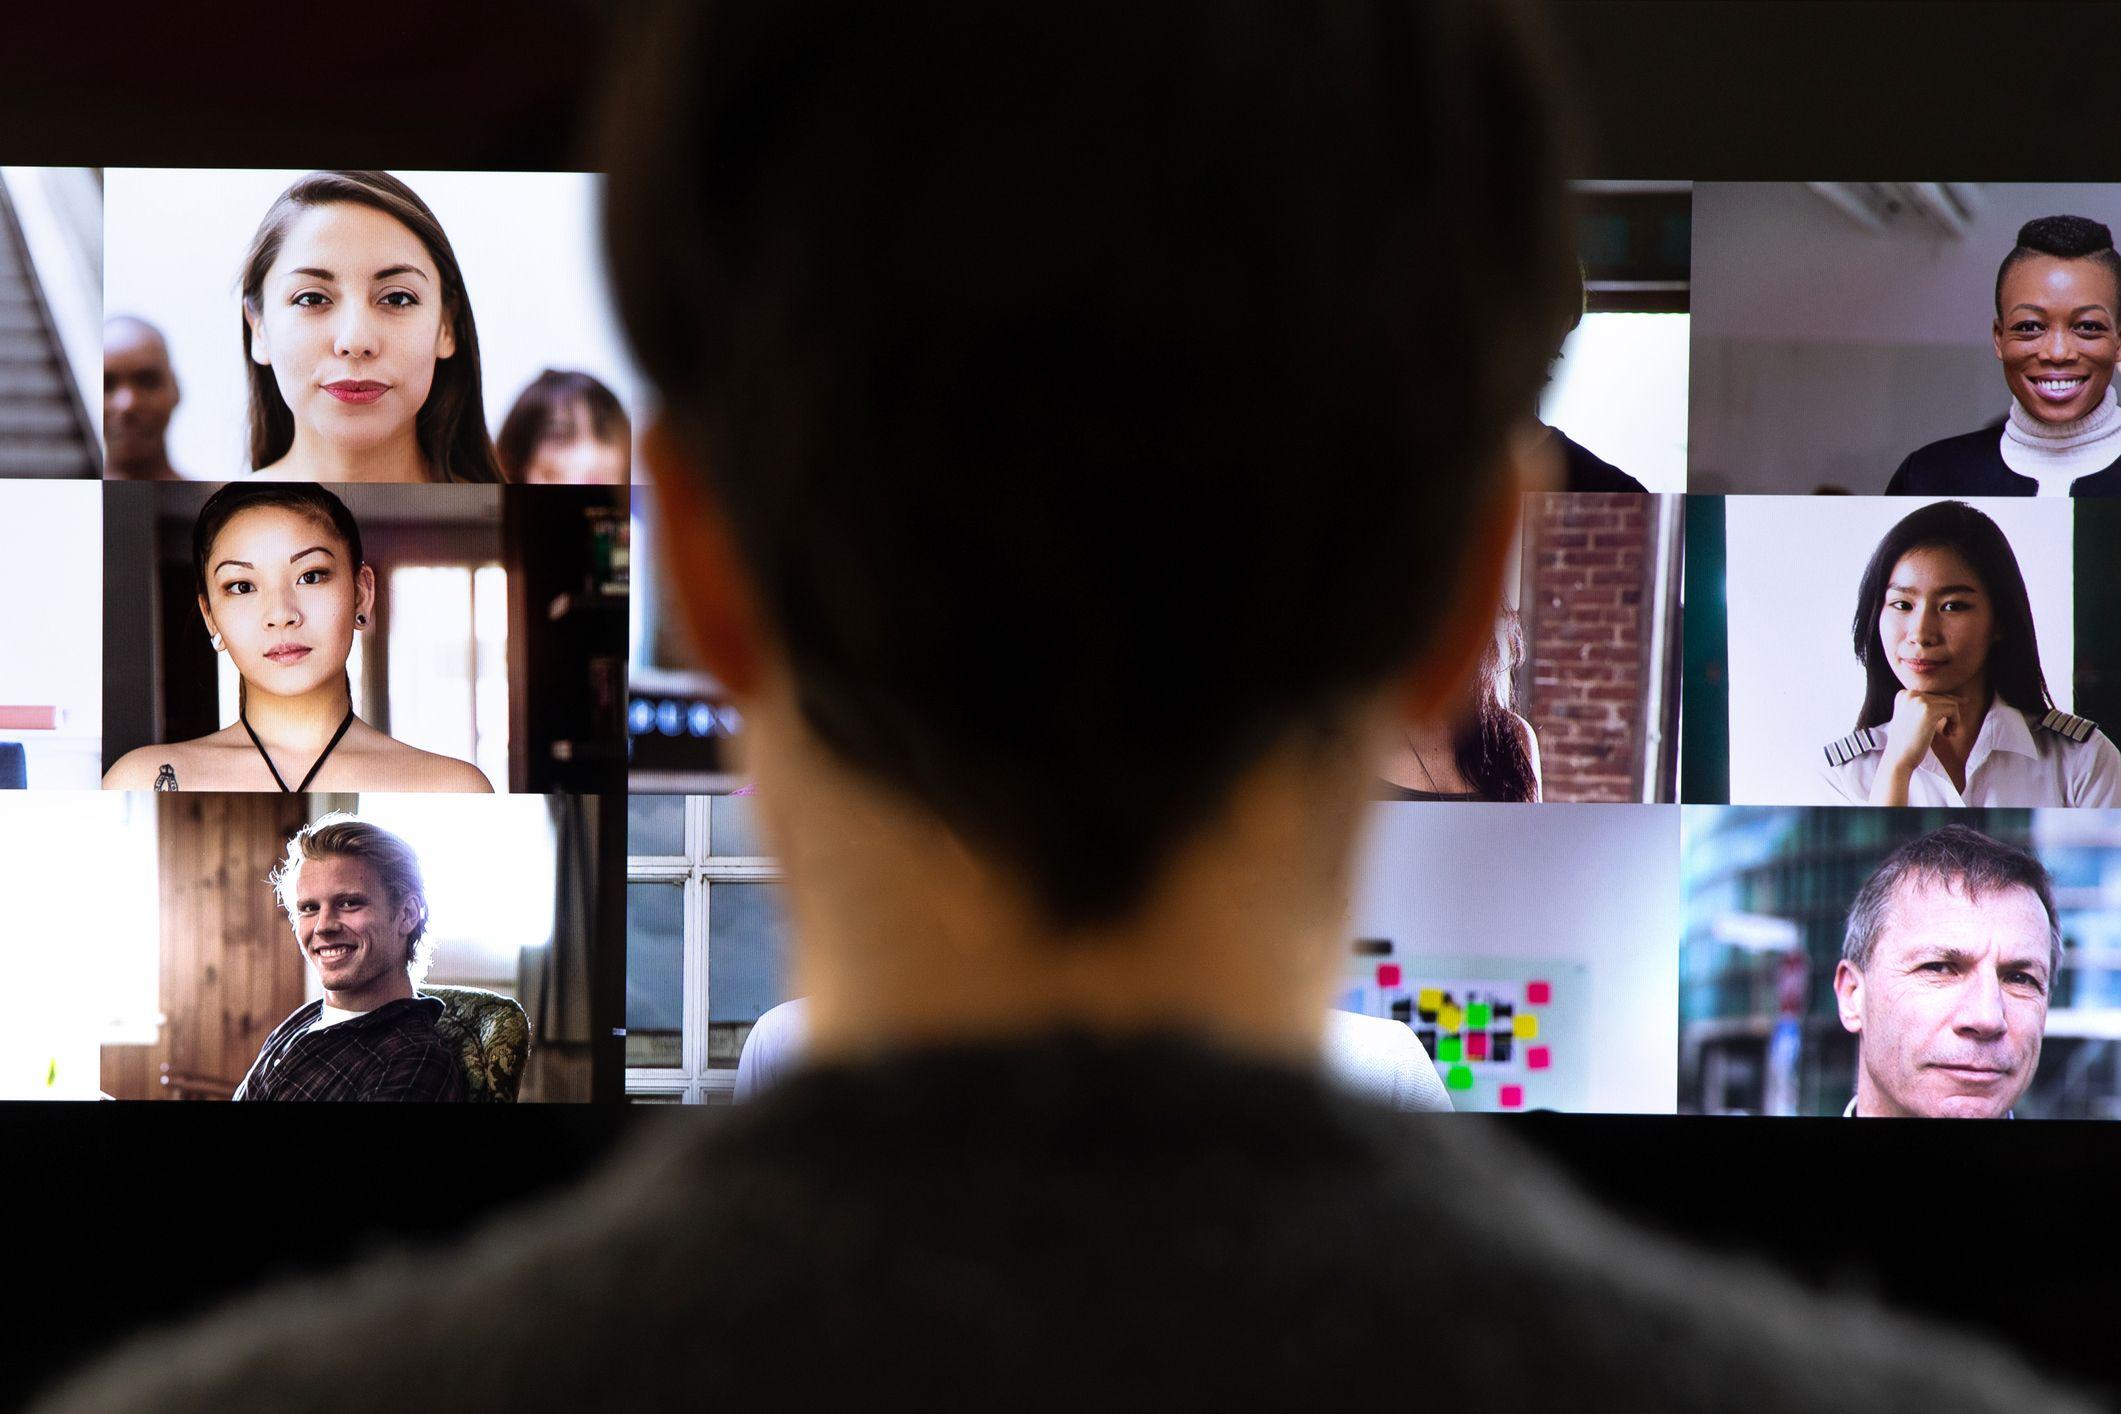 Perché le riunioni in videocall sono più faticose di quelle in carne ed ossa